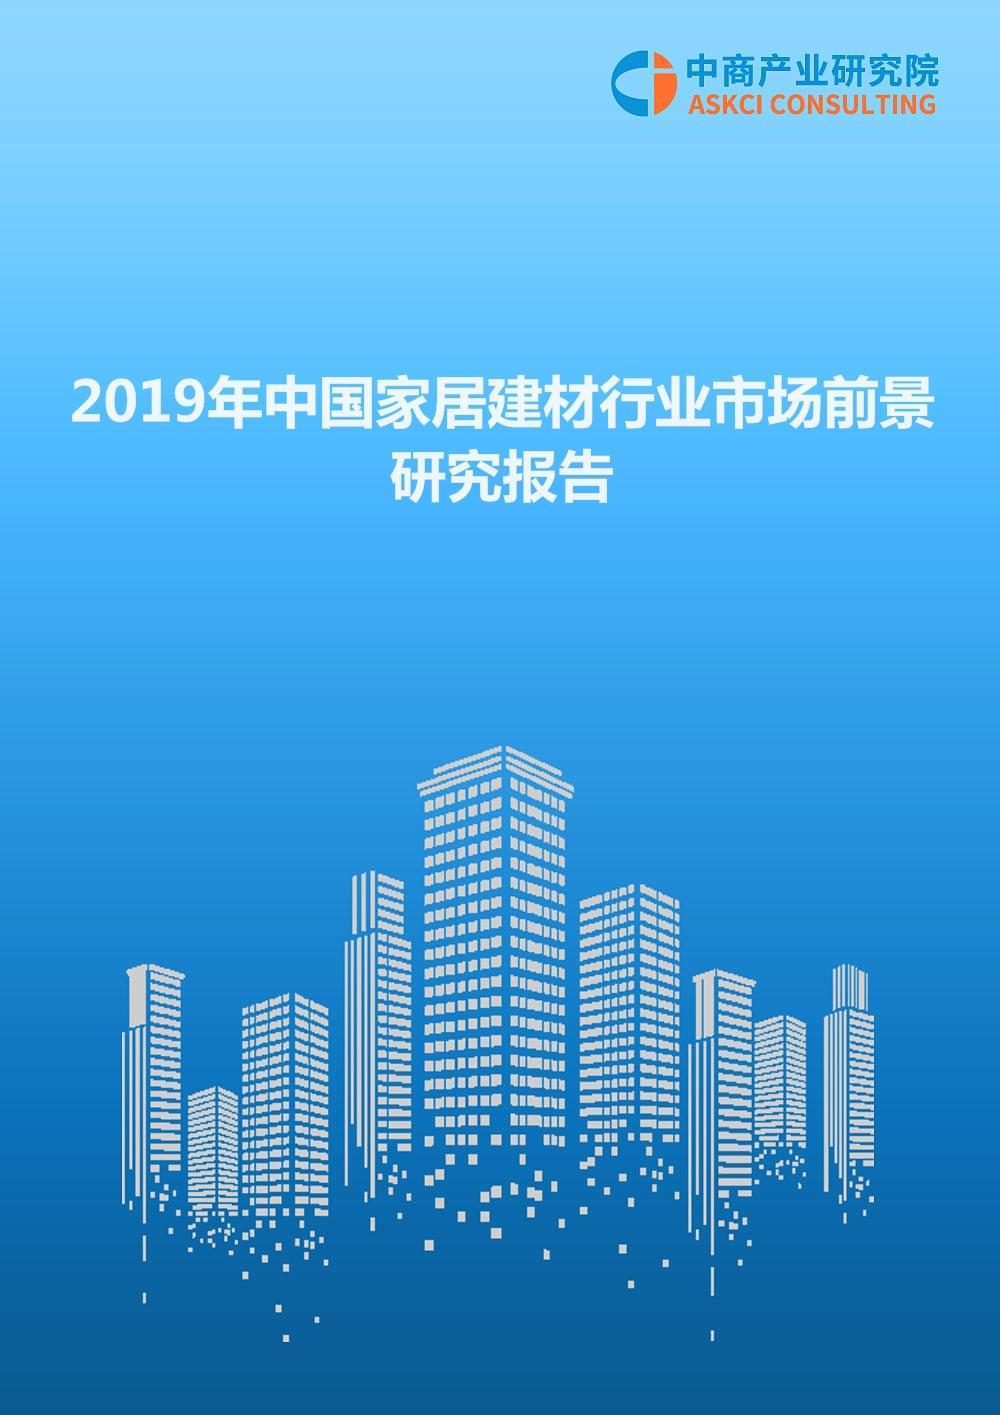 2019年中国家居建材行业市场前景研究报告